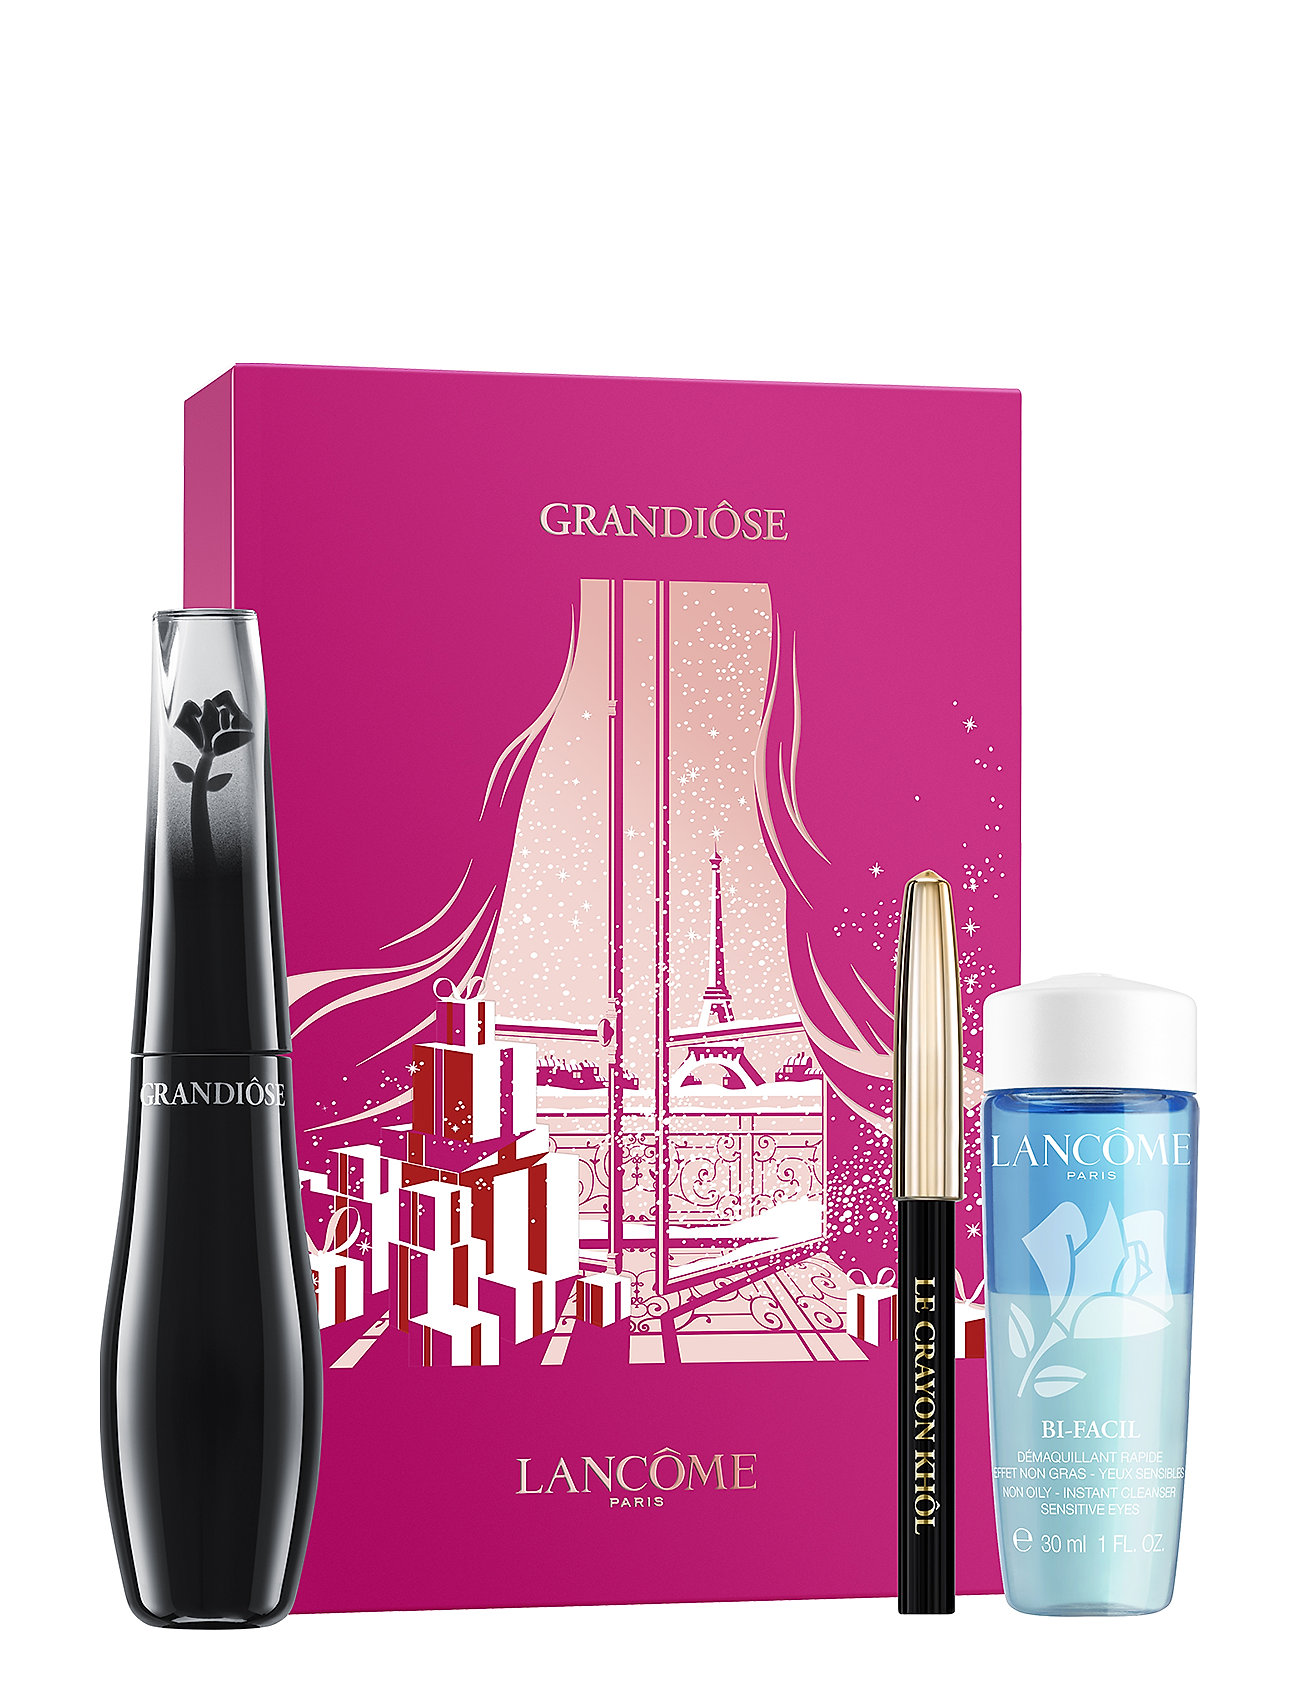 Lancôme Grandiôse Mascara Gift box - NO COLOUR